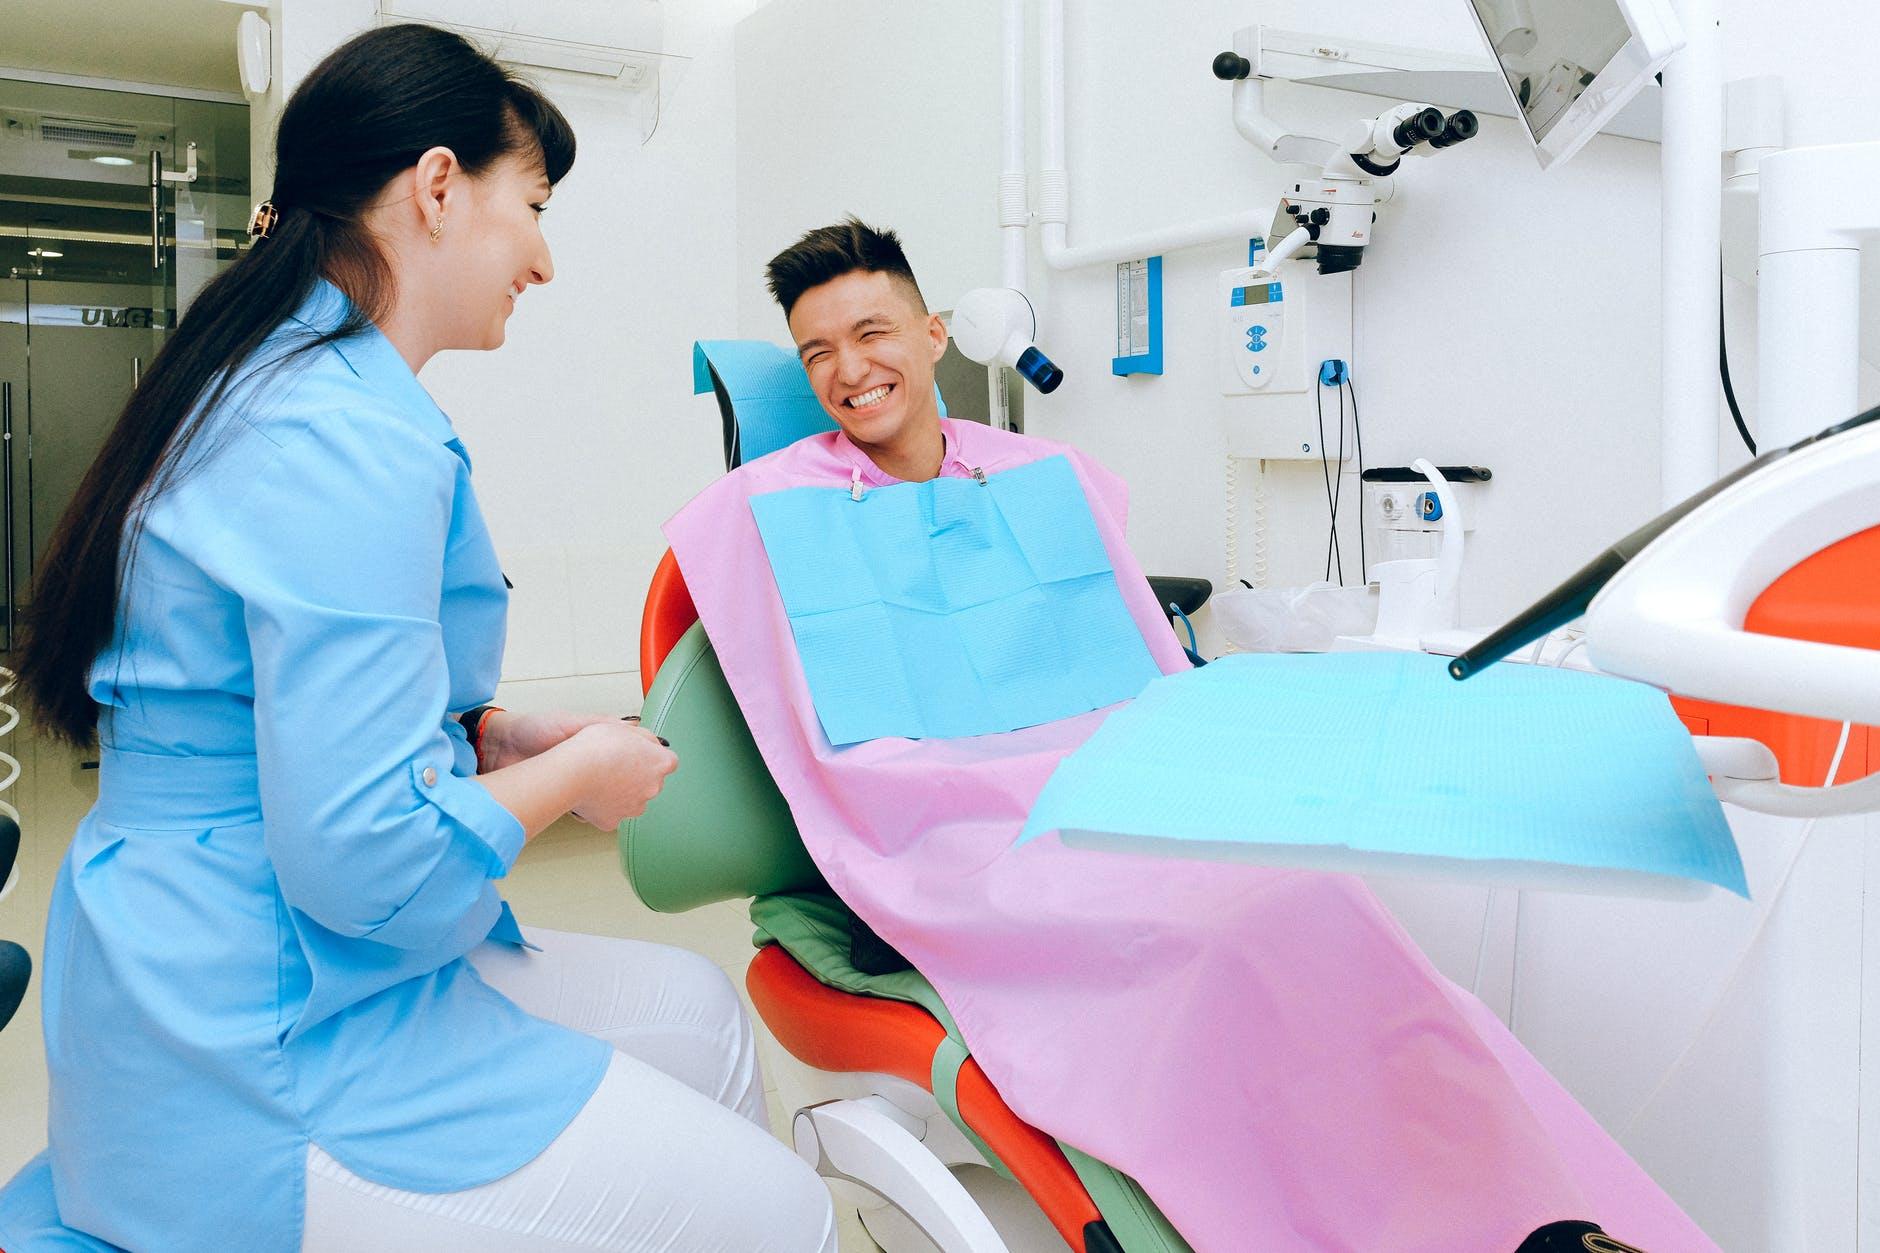 ฟันสวยได้ไม่ต้องรอ รวม #5 คลินิกจัดฟันเชียงใหม่ รีวิวเพียบ!!